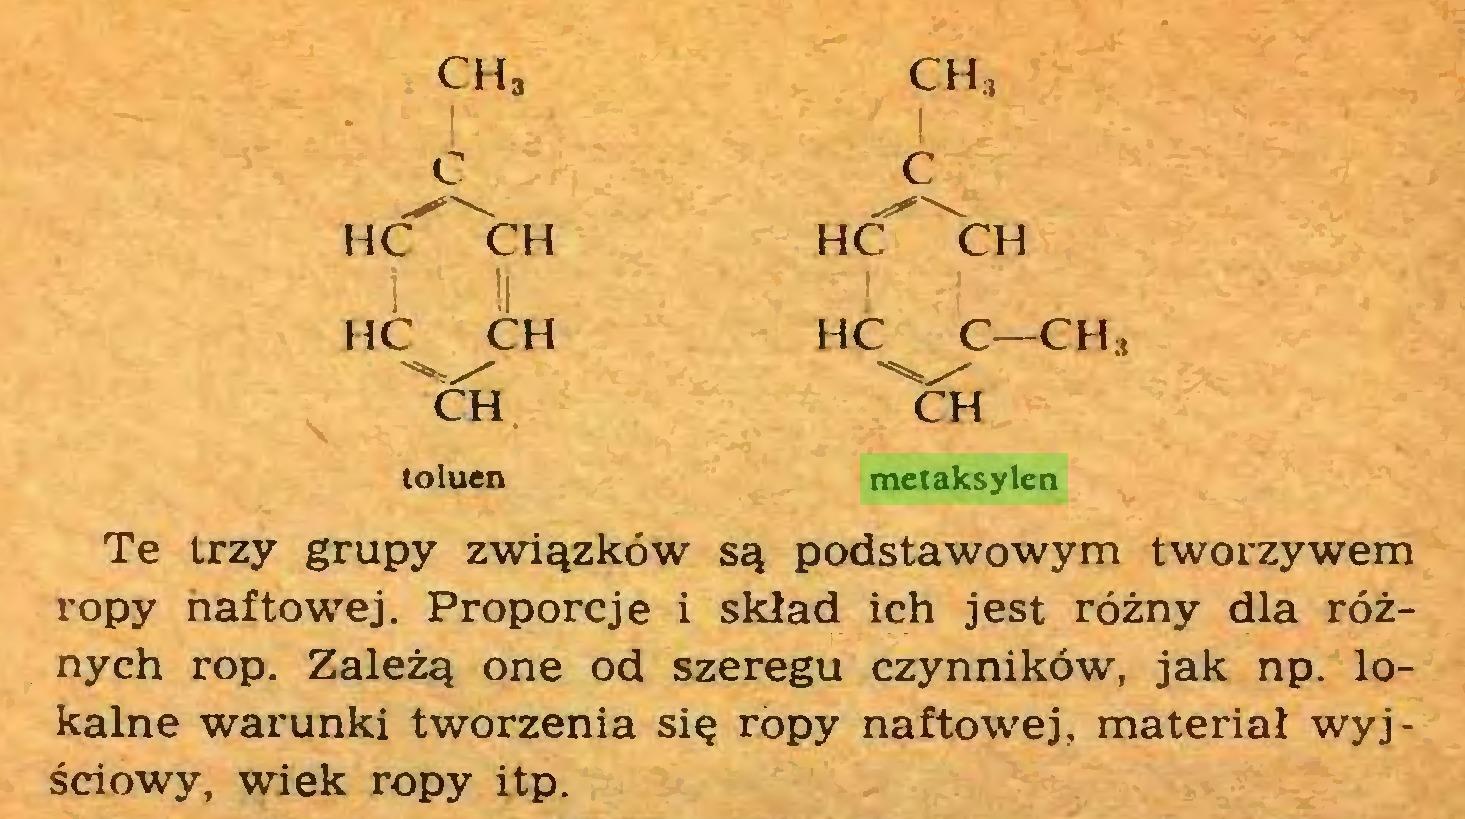 (...) ch3 ch3 c c HĆ^CH HĆ CH i II HC CH HC C—CH CH CH toluen metaksylen Te trzy grupy związków są podstawowym tworzywem ropy naftowej. Proporcje i skiad ich jest różny dla różnych rop. Zależą one od szeregu czynników, jak np. lokalne warunki tworzenia się ropy naftowej, materiał wyjściowy, wiek ropy itp...